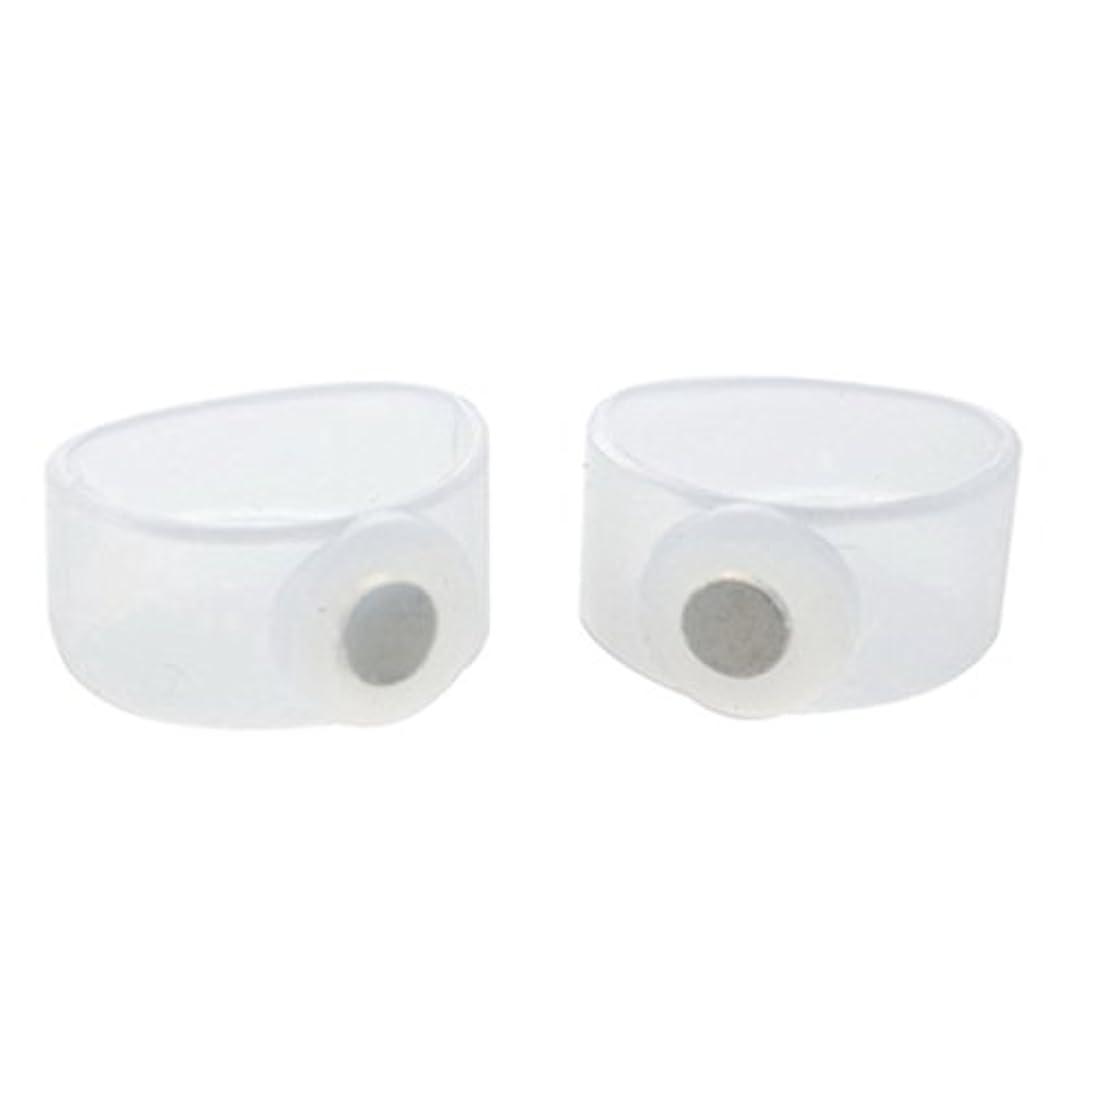 焦がすあいにく罰2ピースSlim身シリコン磁気フットマッサージャーマッサージリラックストーリング減量ヘルスケアツール美容製品-透明